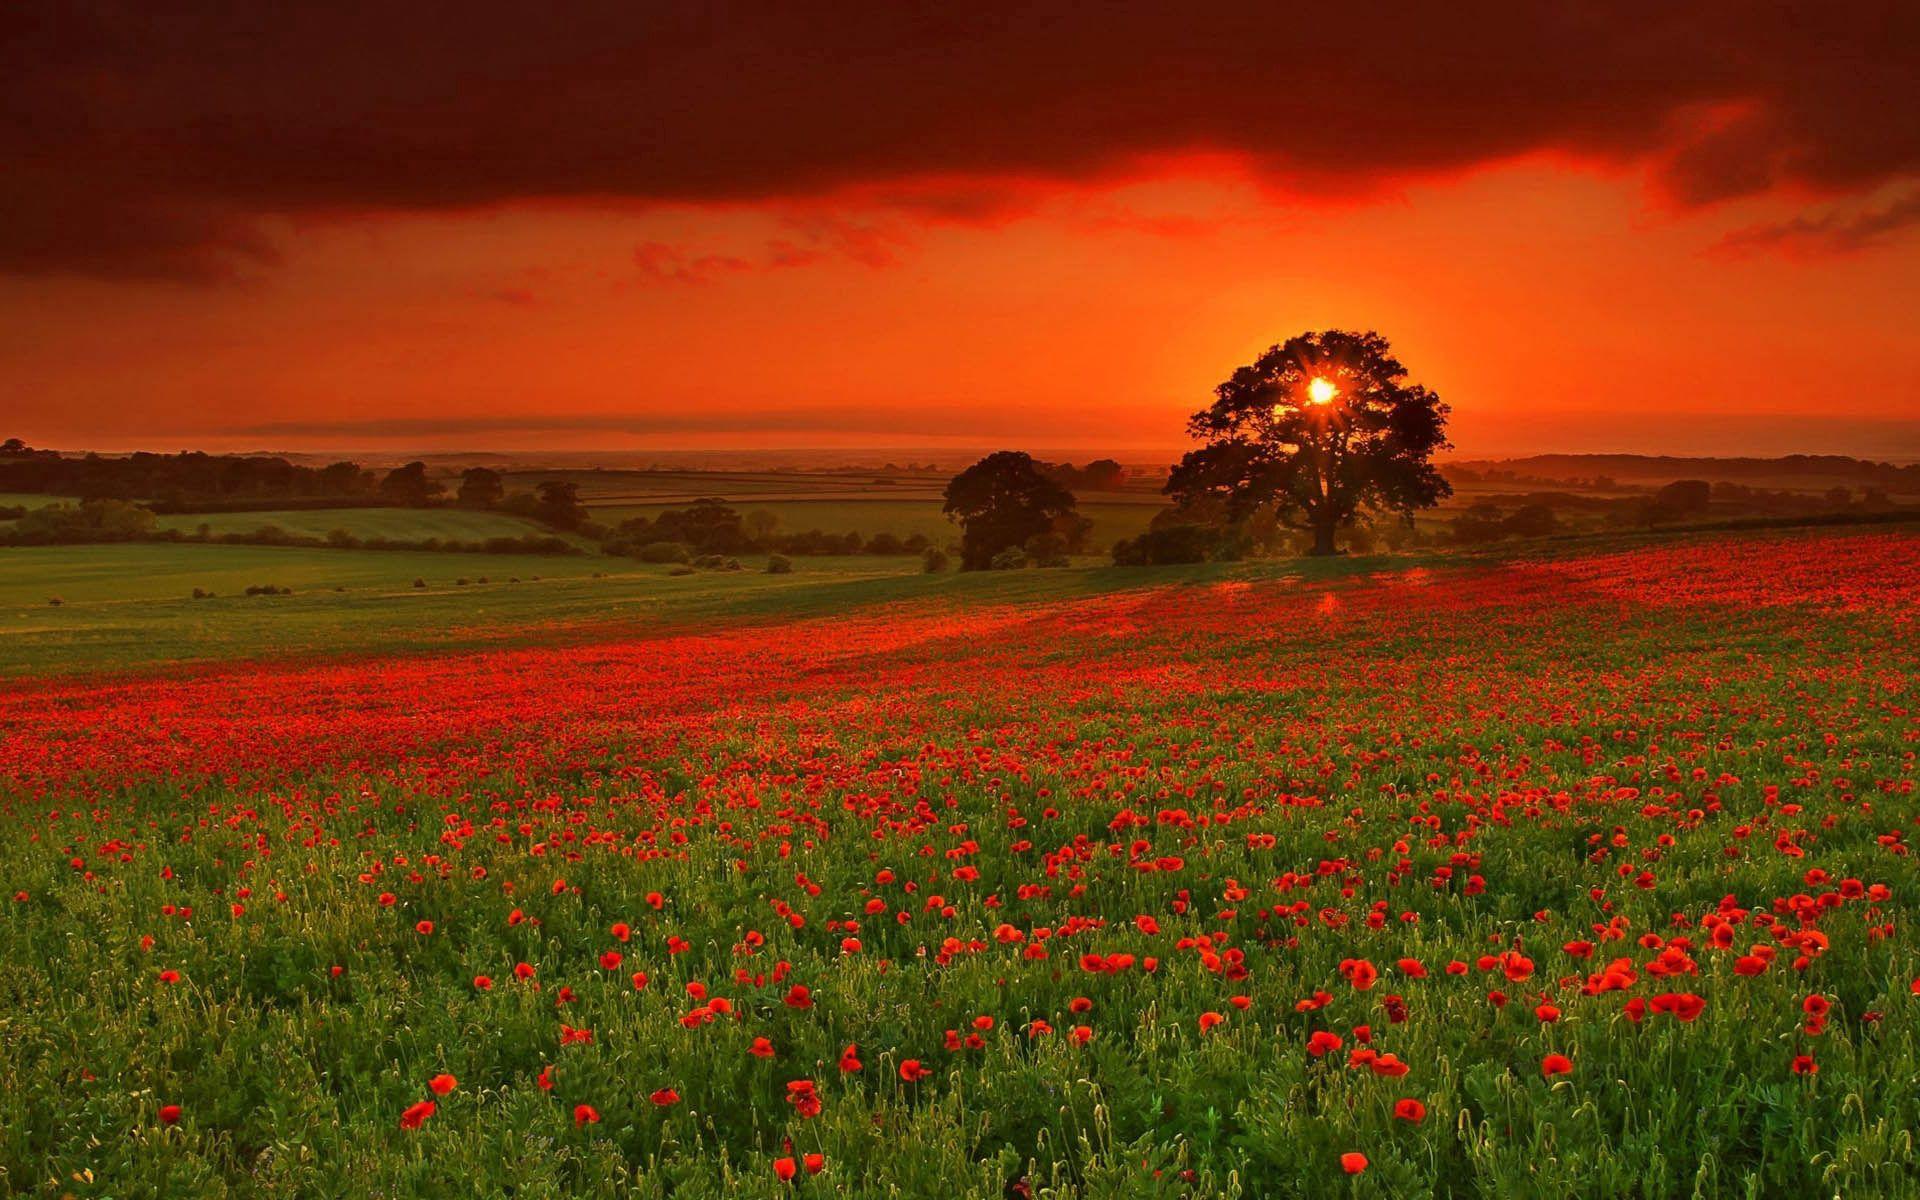 83468 обои 720x1280 на телефон бесплатно, скачать картинки Природа, Цветы, Осень, Солнце, Красный, Оранжевый 720x1280 на мобильный